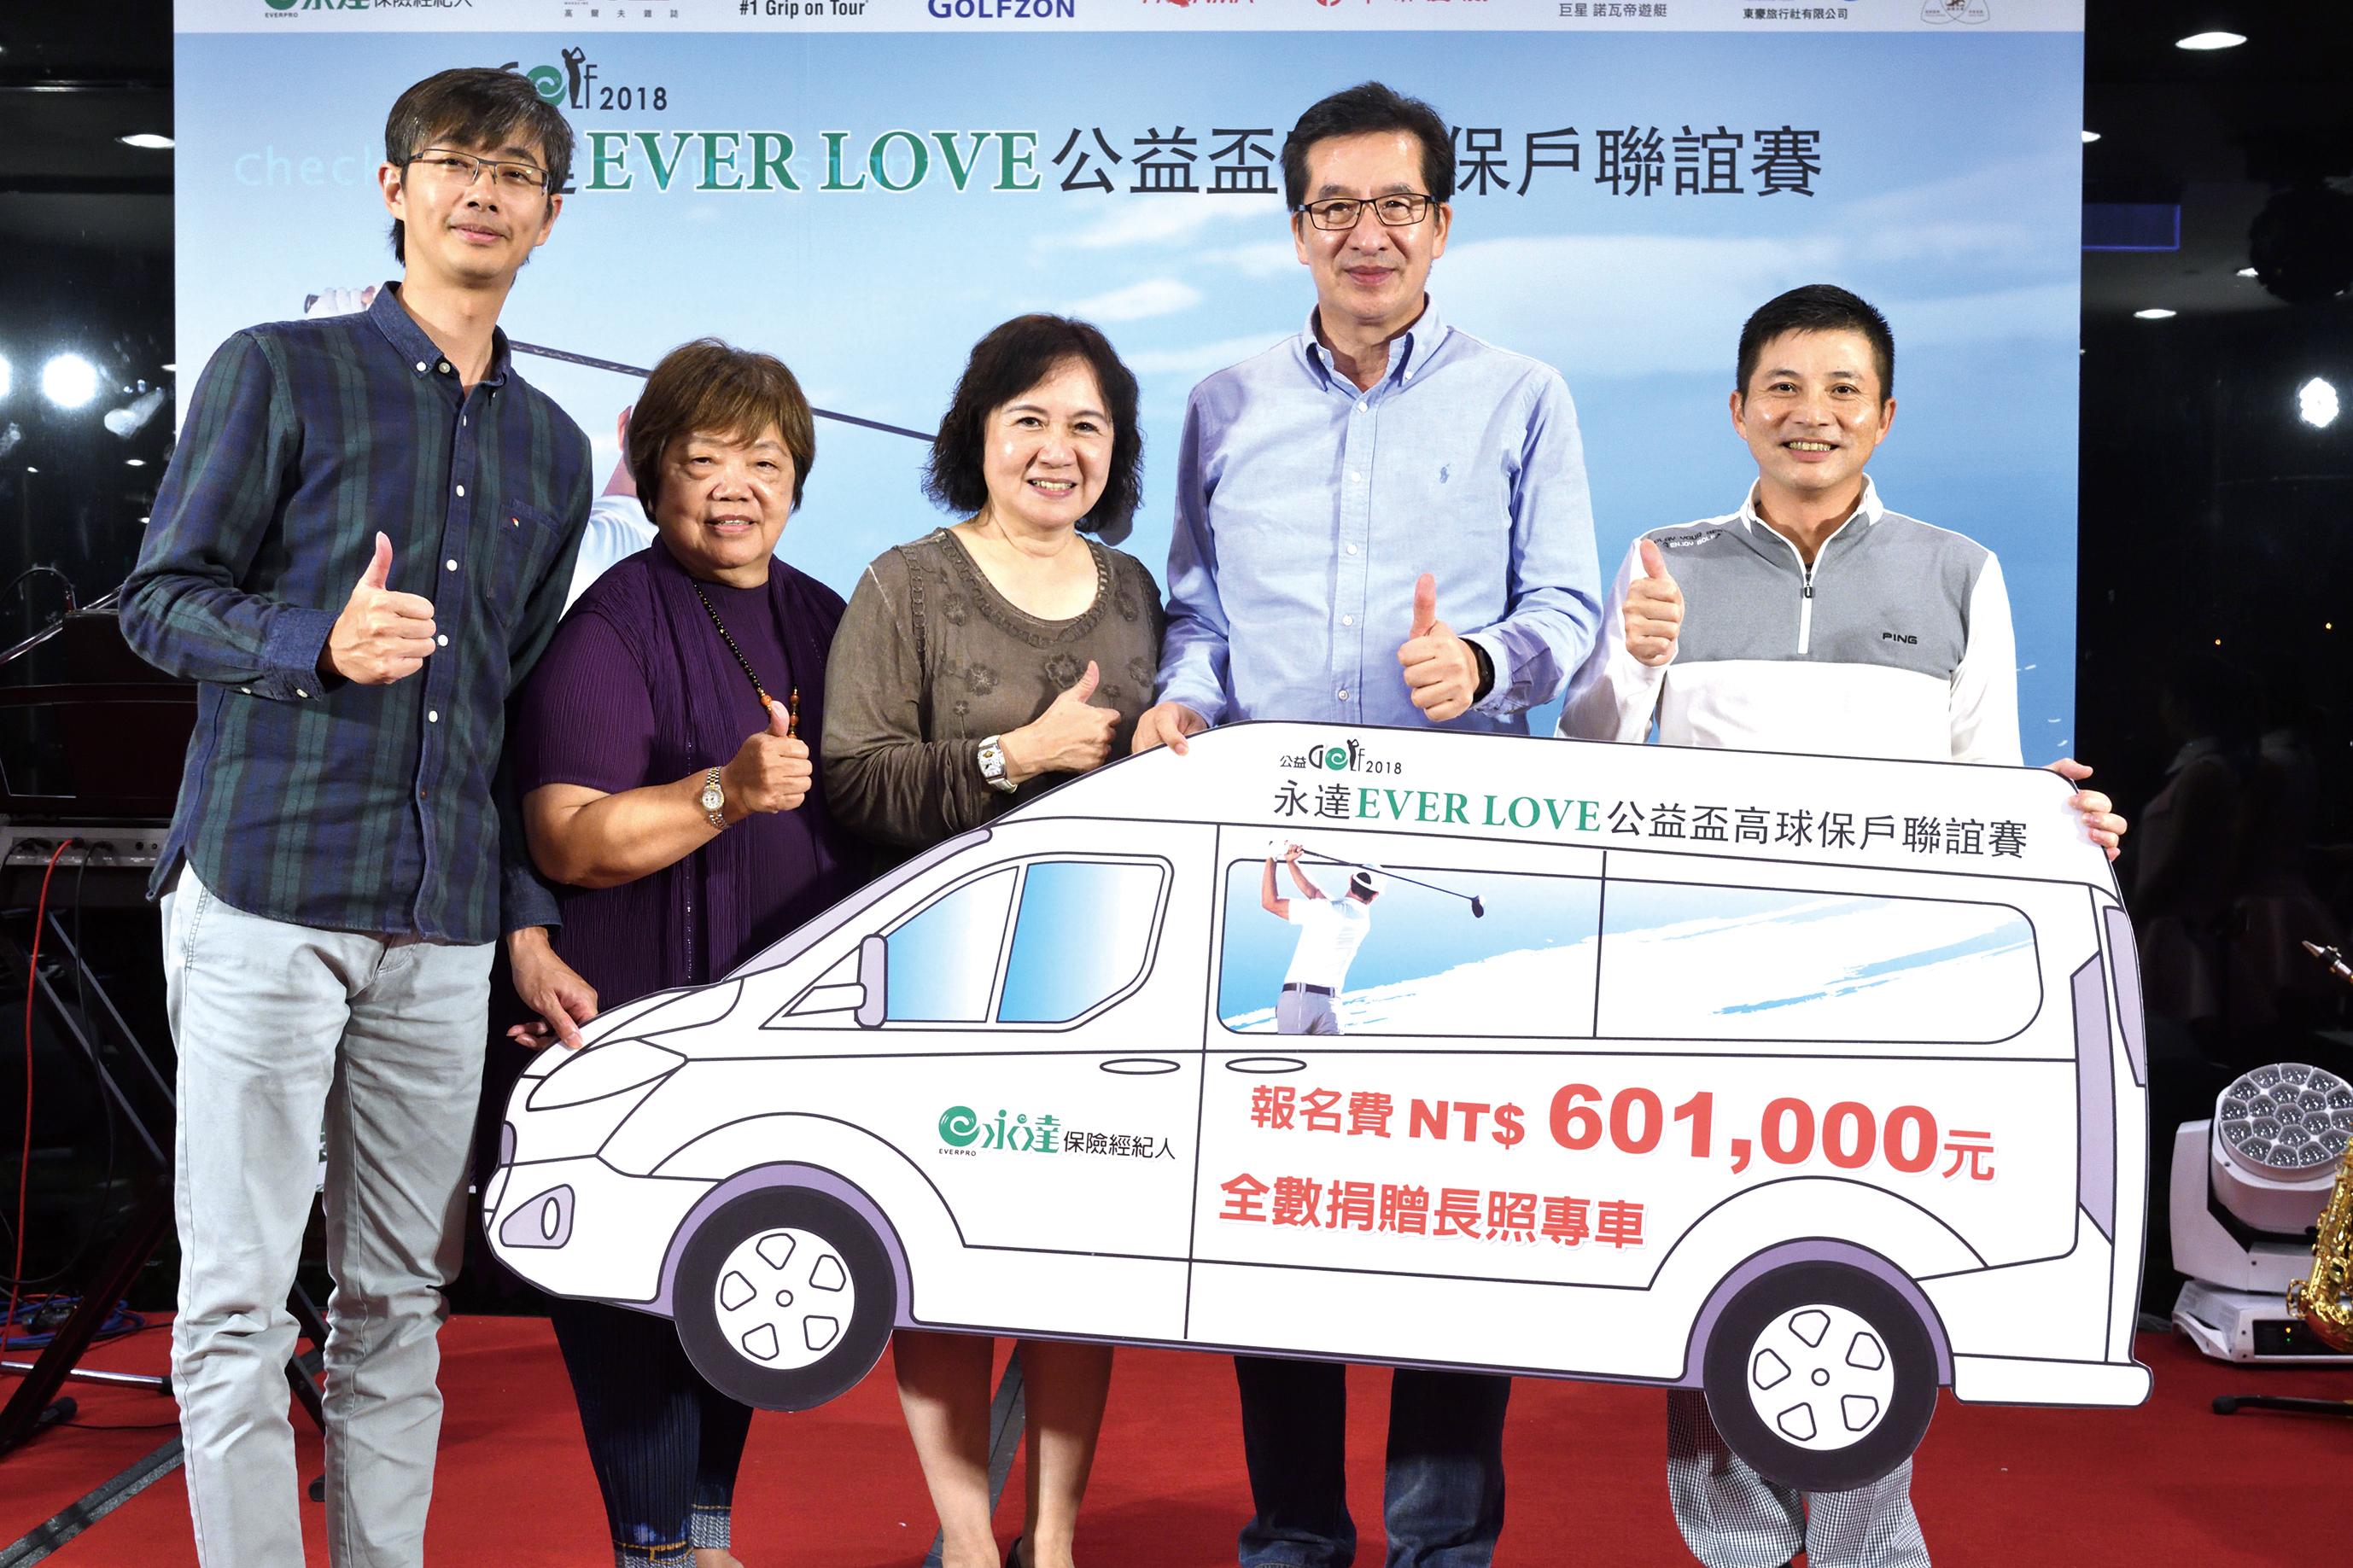 賽事參賽者報名費,全數捐贈長照專車購置經費。